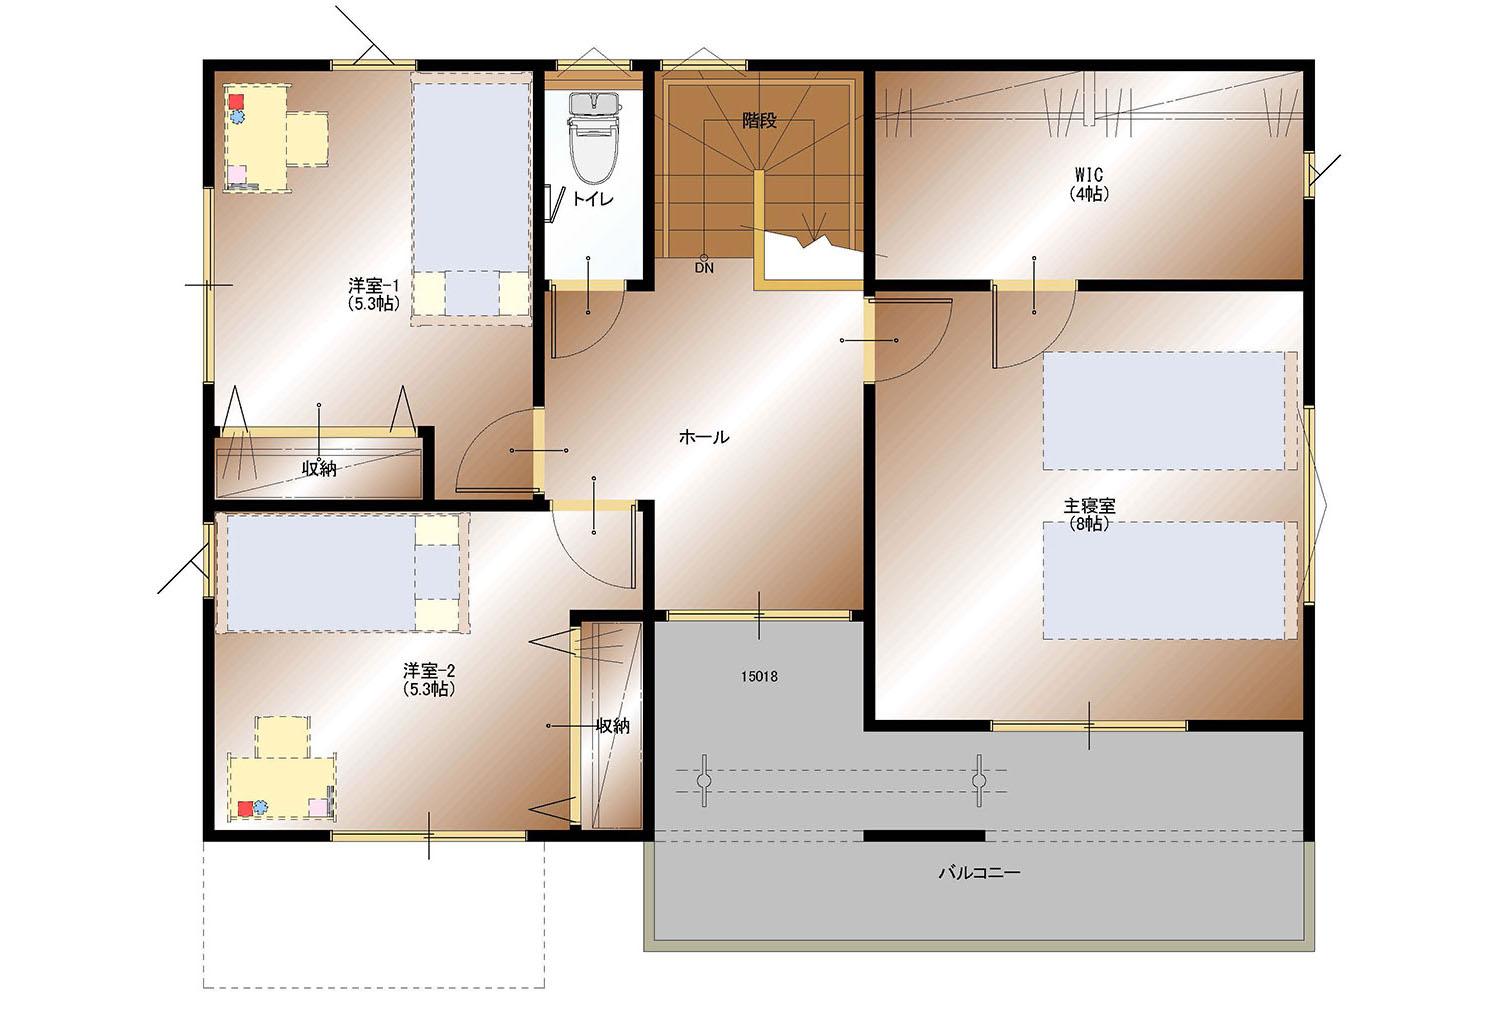 甲斐市龍地B35号棟 建売住宅 間取り図2F